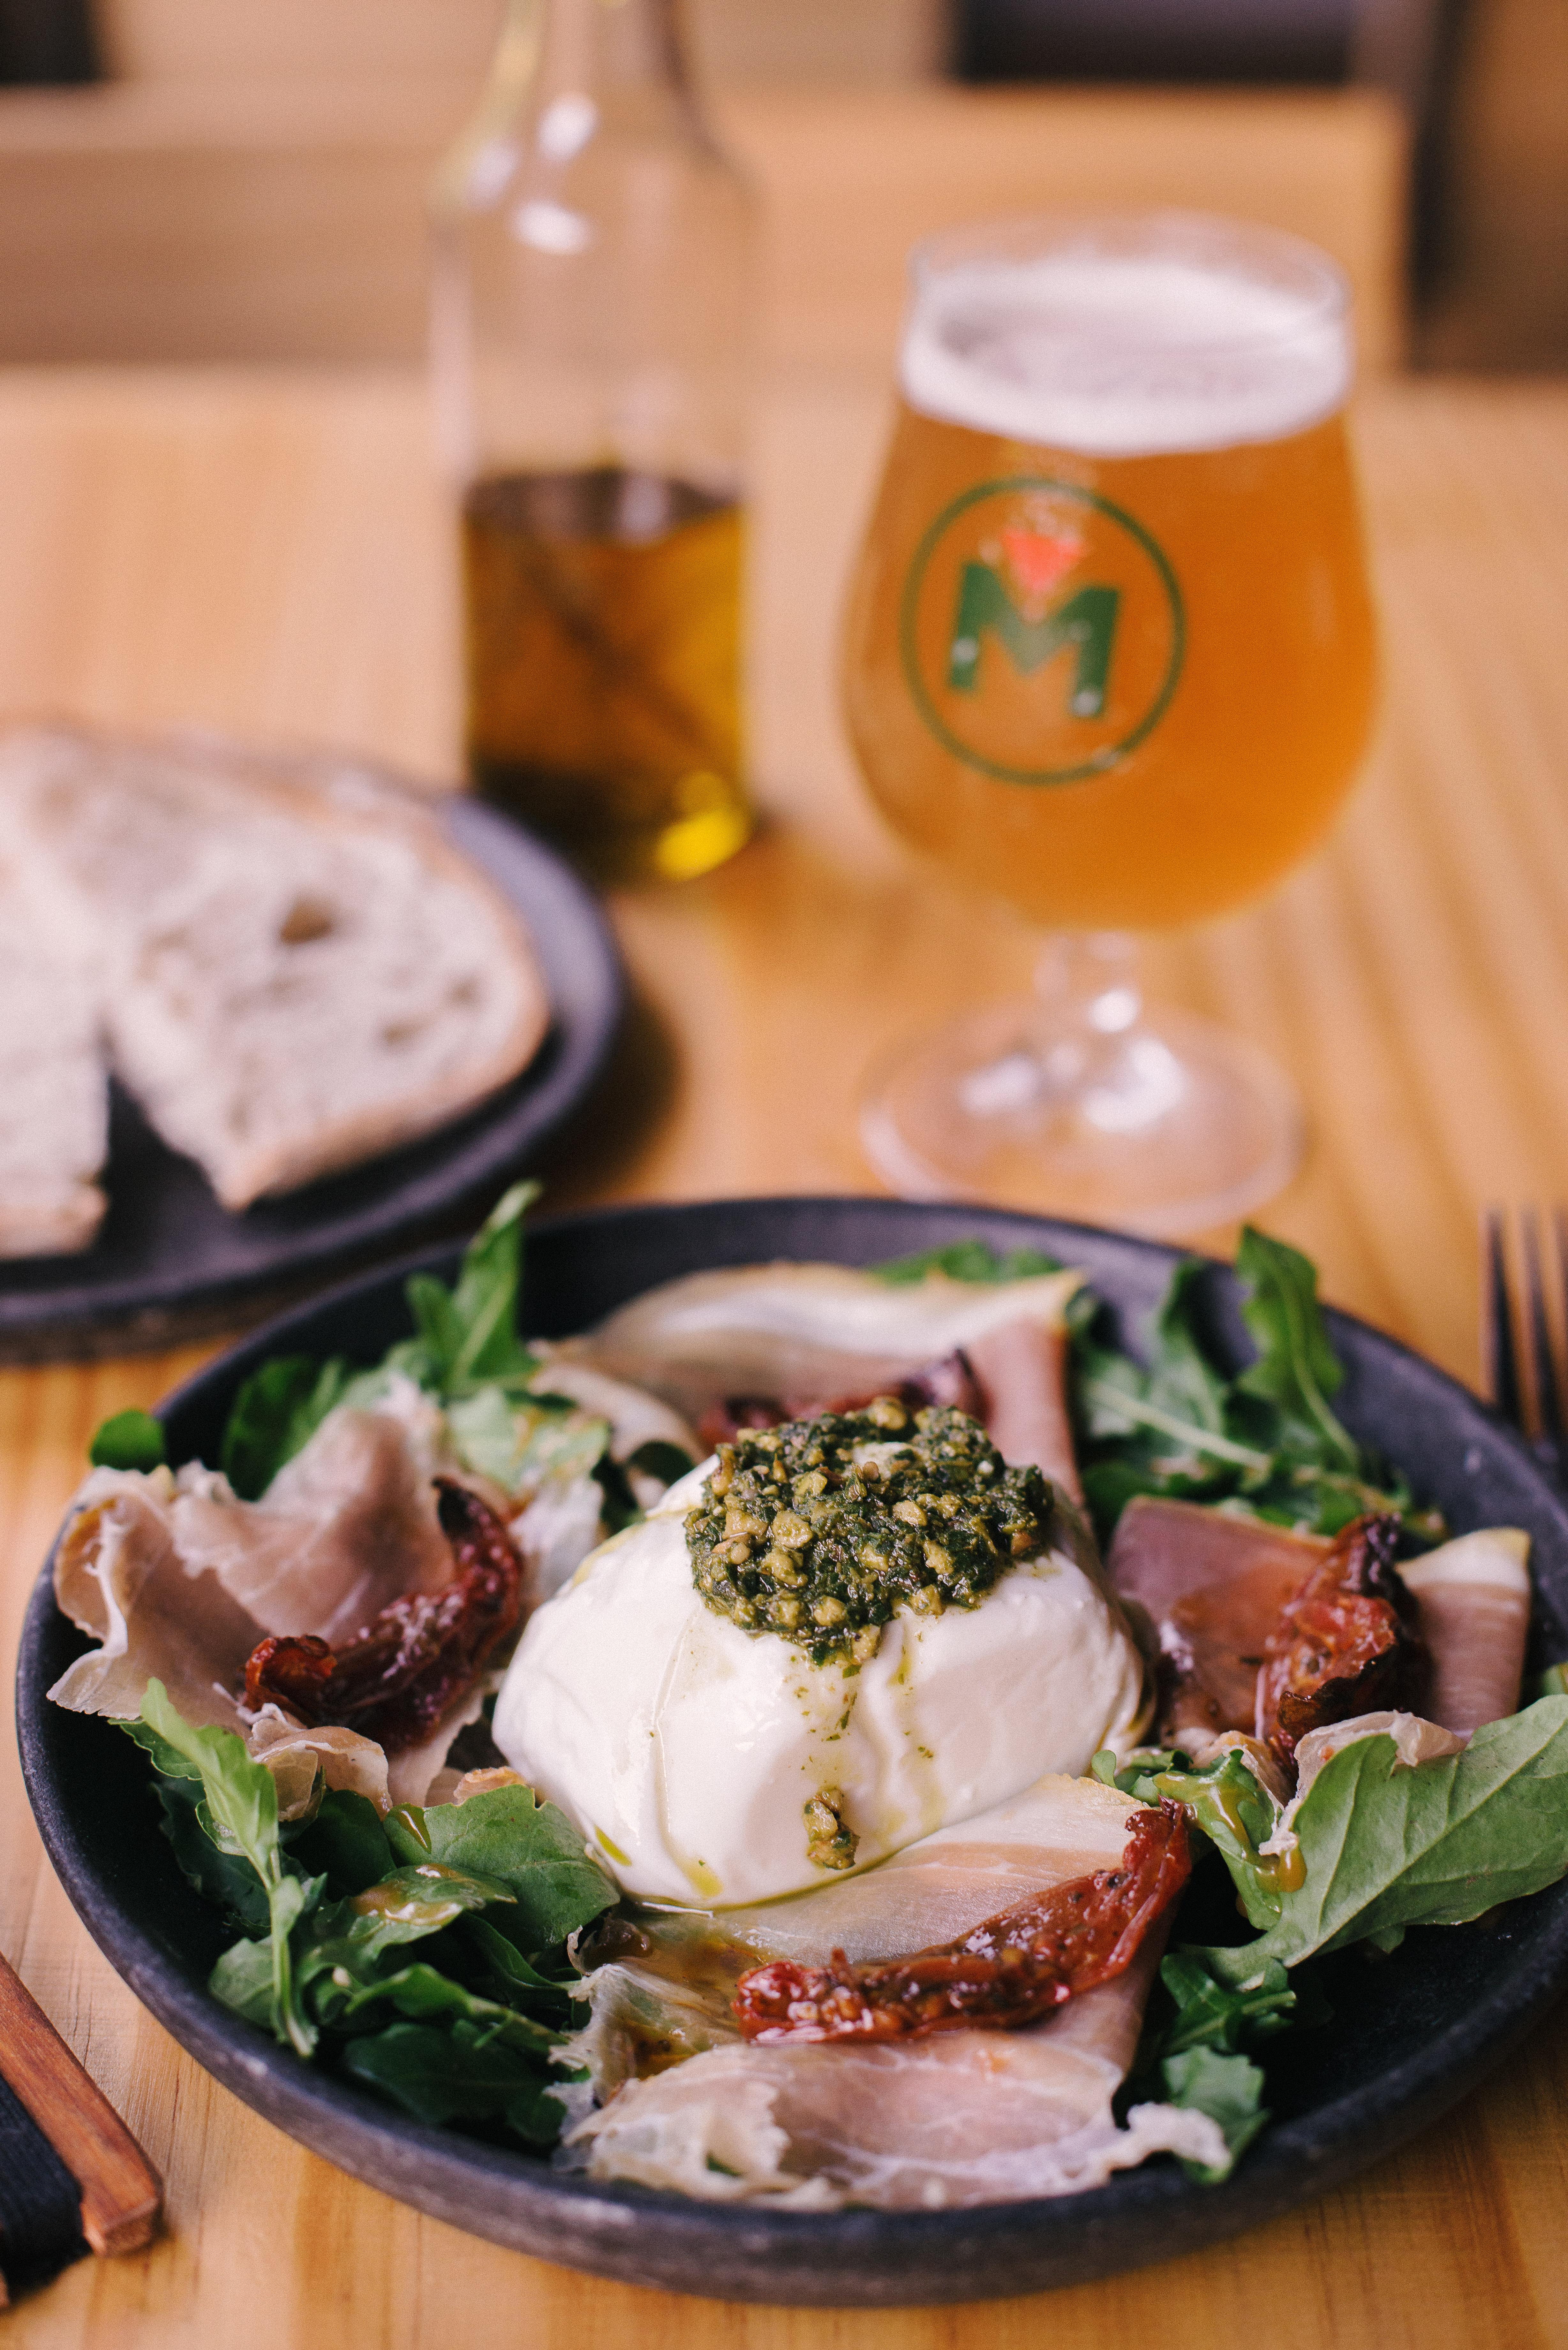 A imagem mostra uma salada de presunto cru, burrata e folhas, copo de chope e pão de fermentação natural